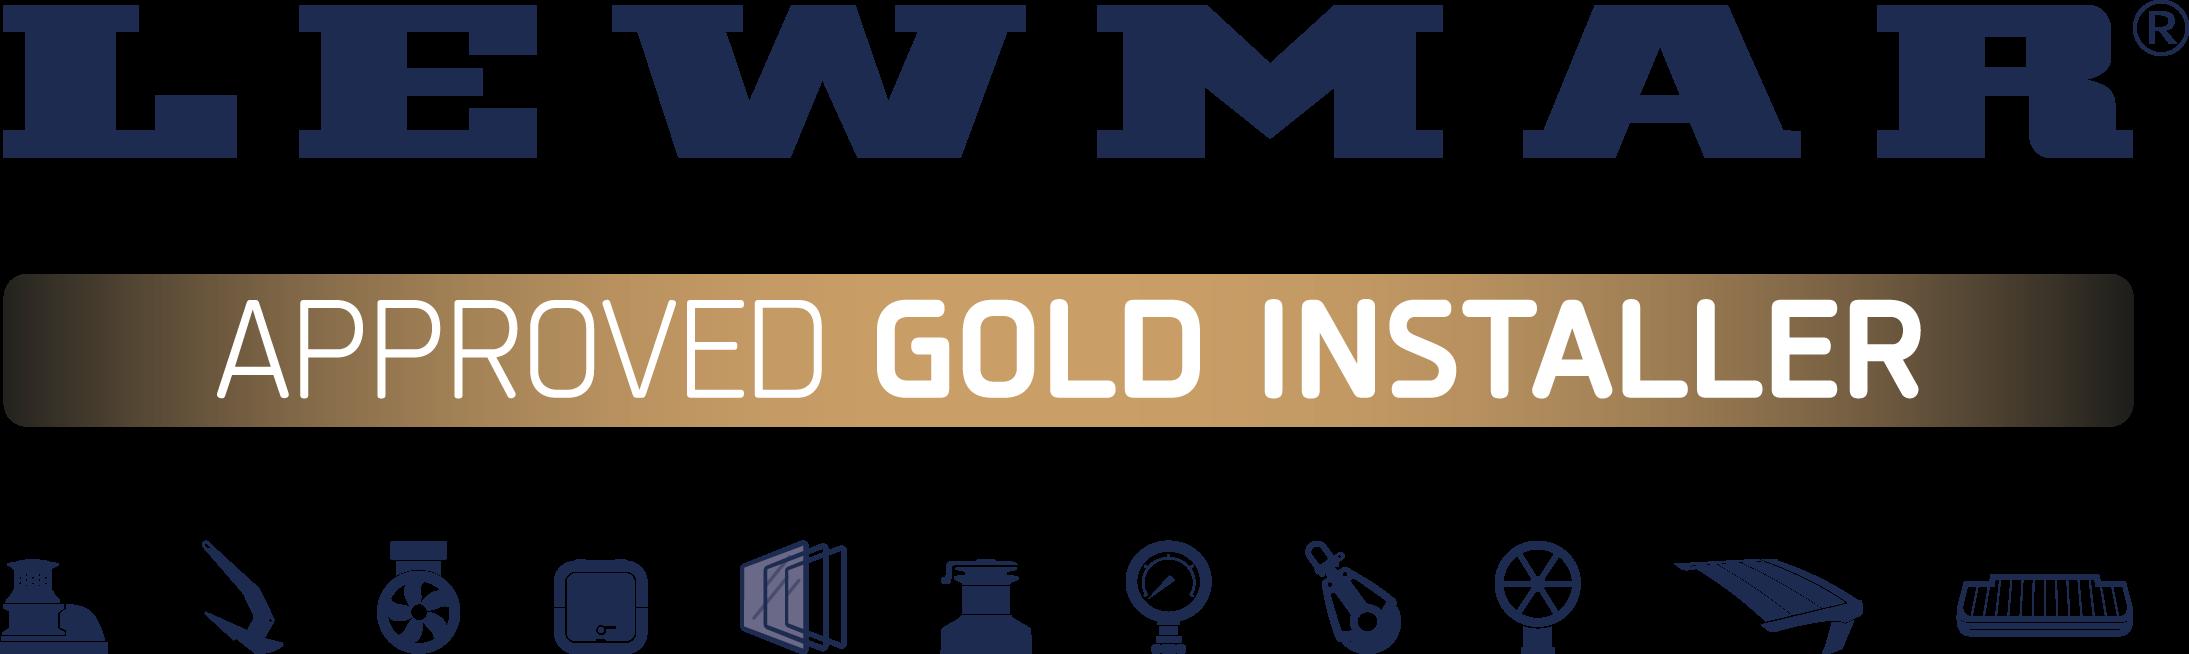 Lewmar Approved Gold Installer